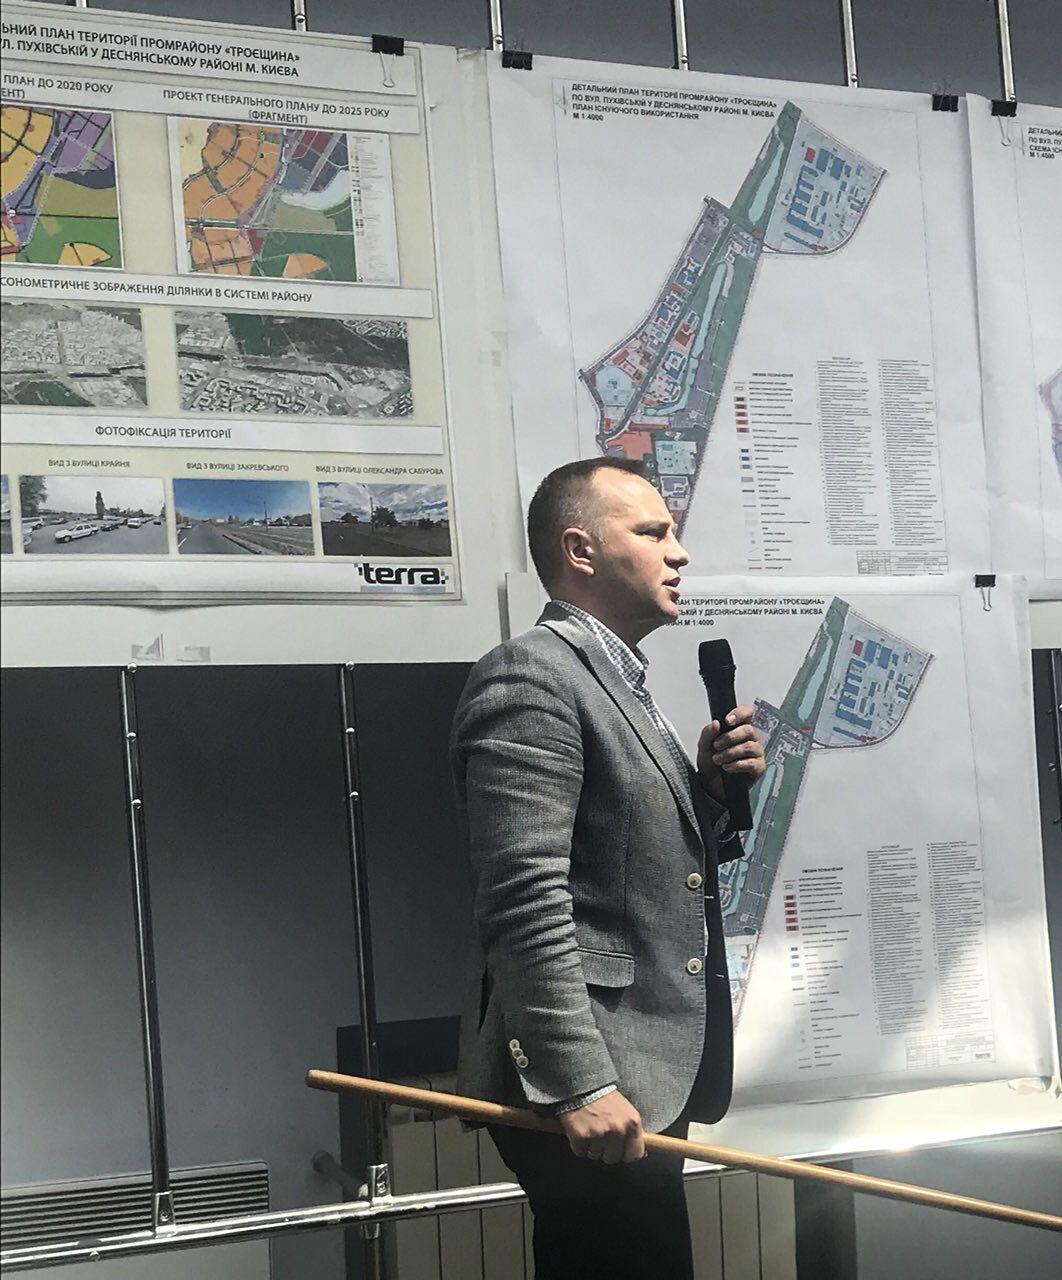 У Києві з'являться багатоповерхові паркінги і нова розв'язка